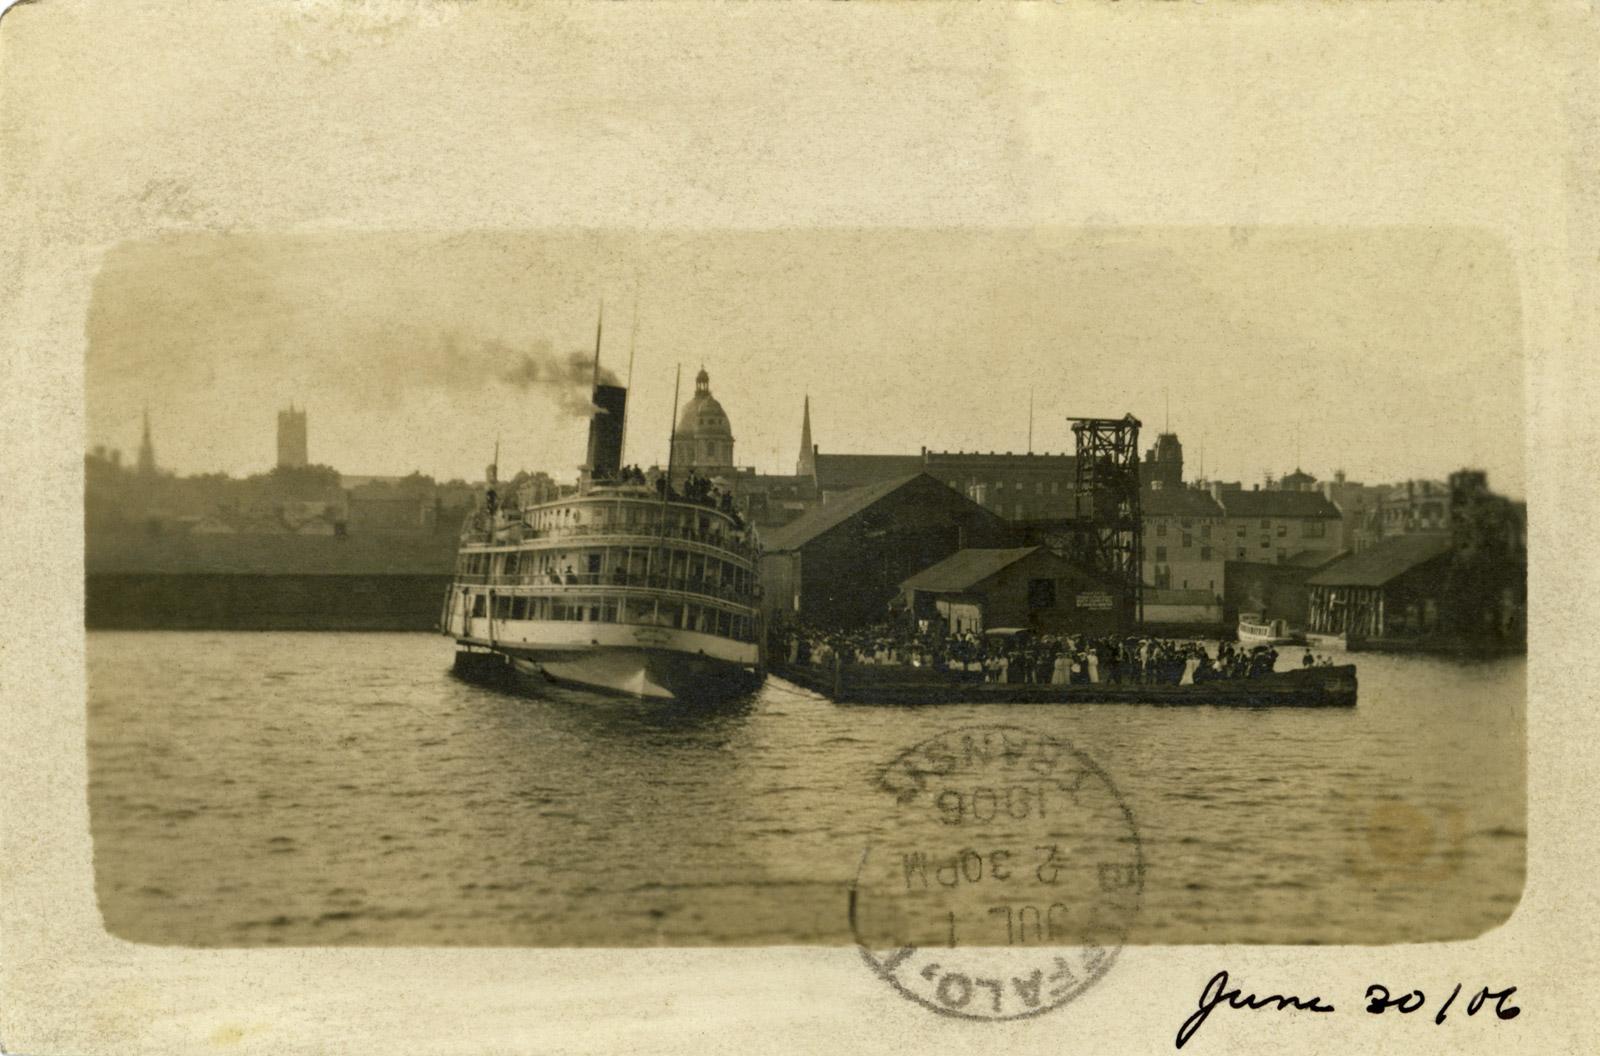 Steamboat KINGSTON at Kingston